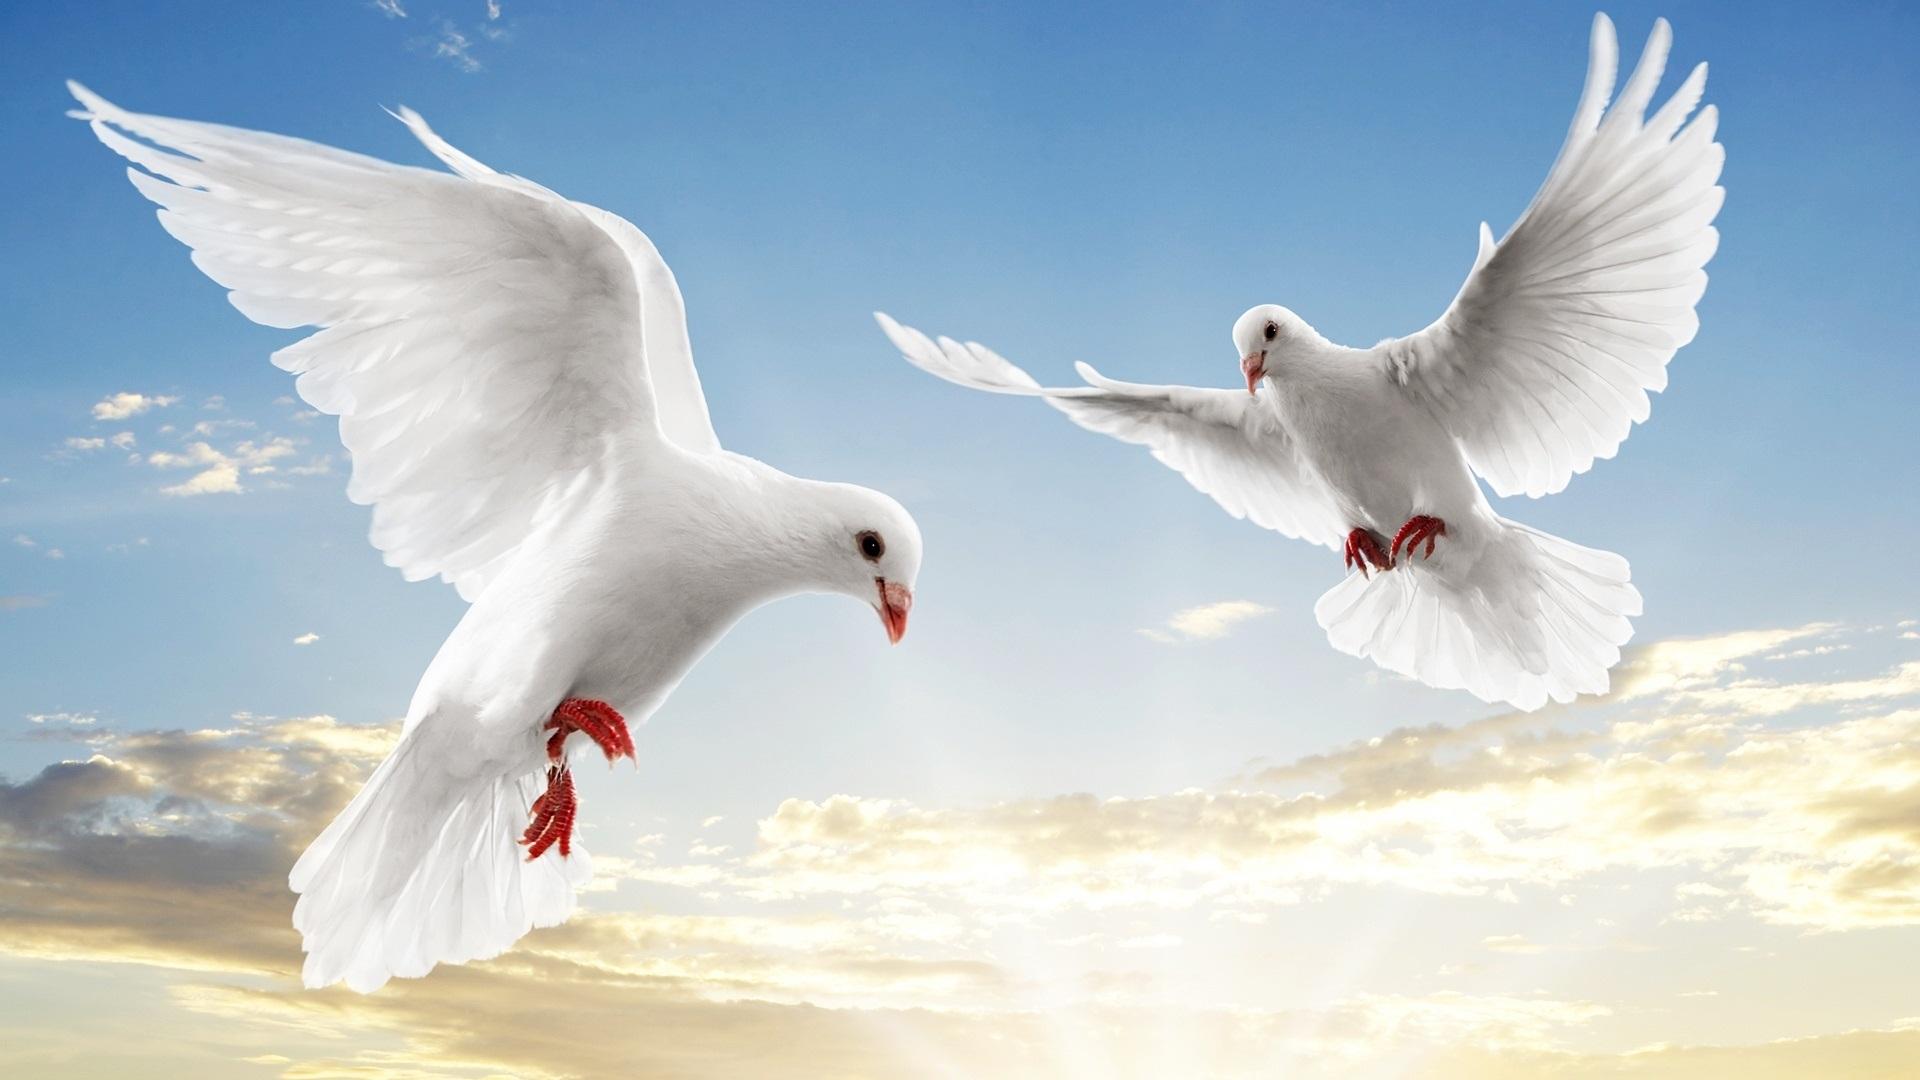 صور شعر حول السلم والسلام , اهميه الامن والامان في الحياه